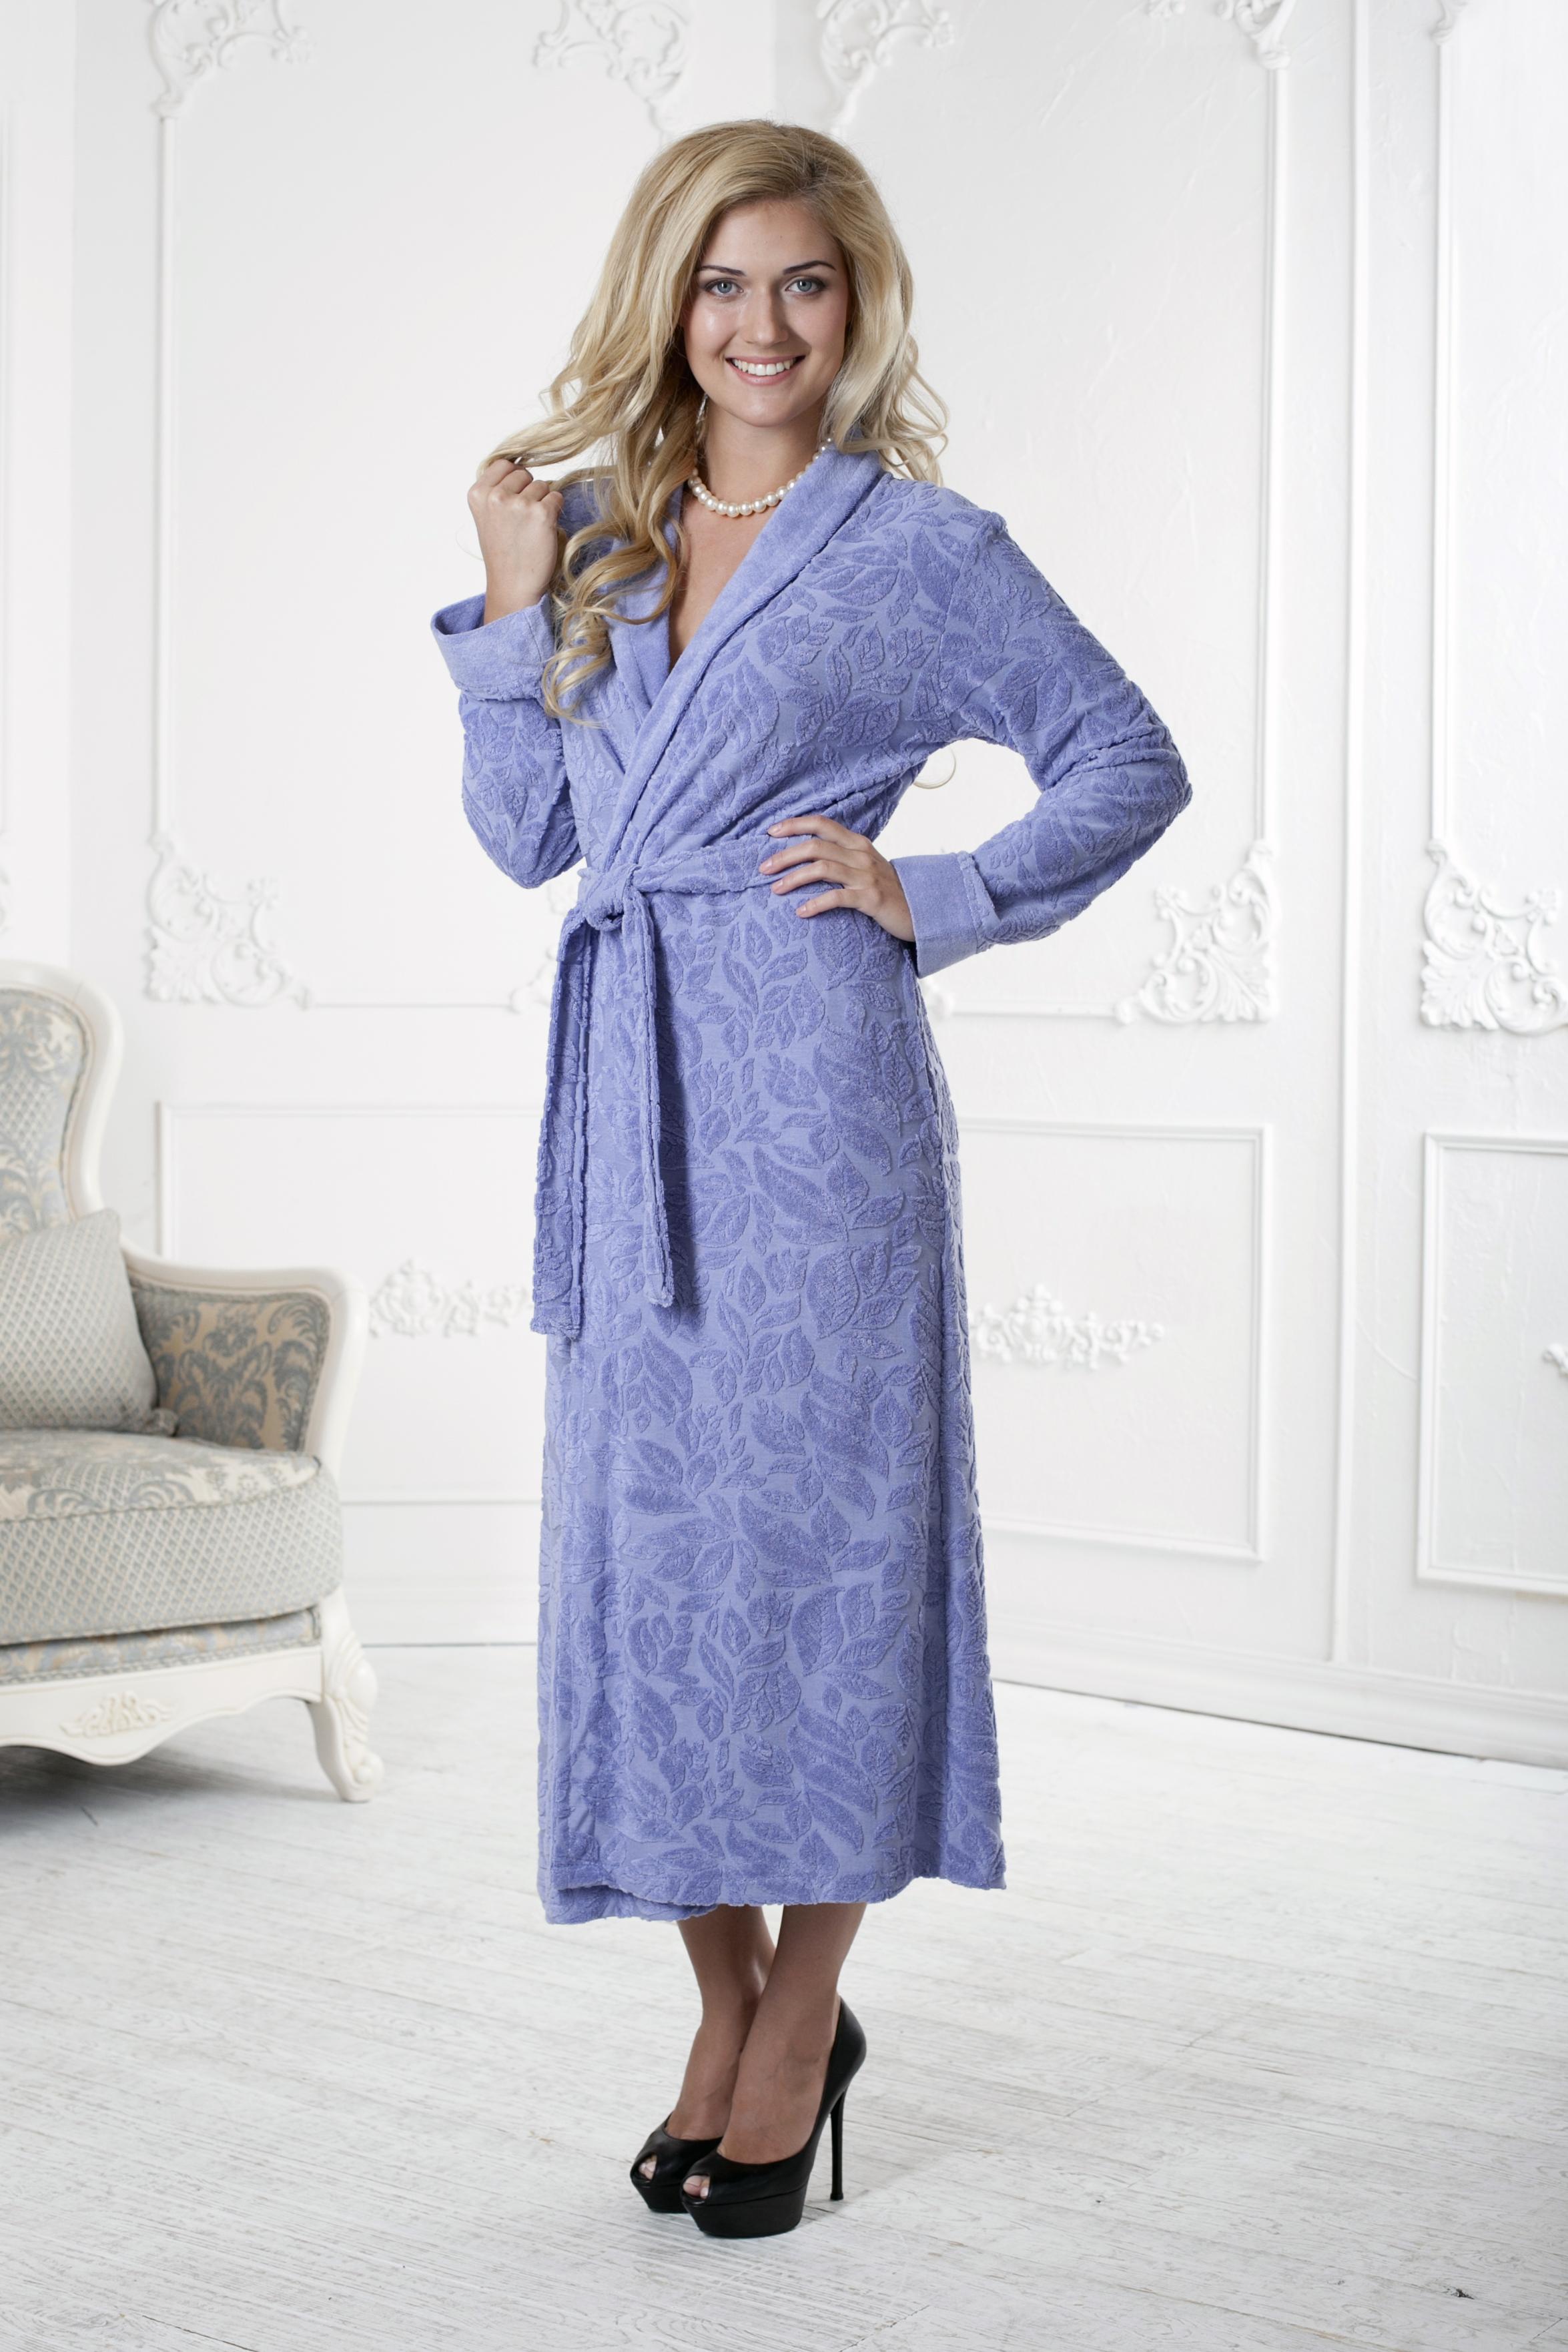 Халат женский. 411411Очень мягкий и приятный женский халат из ТРИКОТАЖНОГО БАМБУКА!! Очень элегантная и женственная коллекция. Объемная текстура по всему халату. Длинный, шалька.